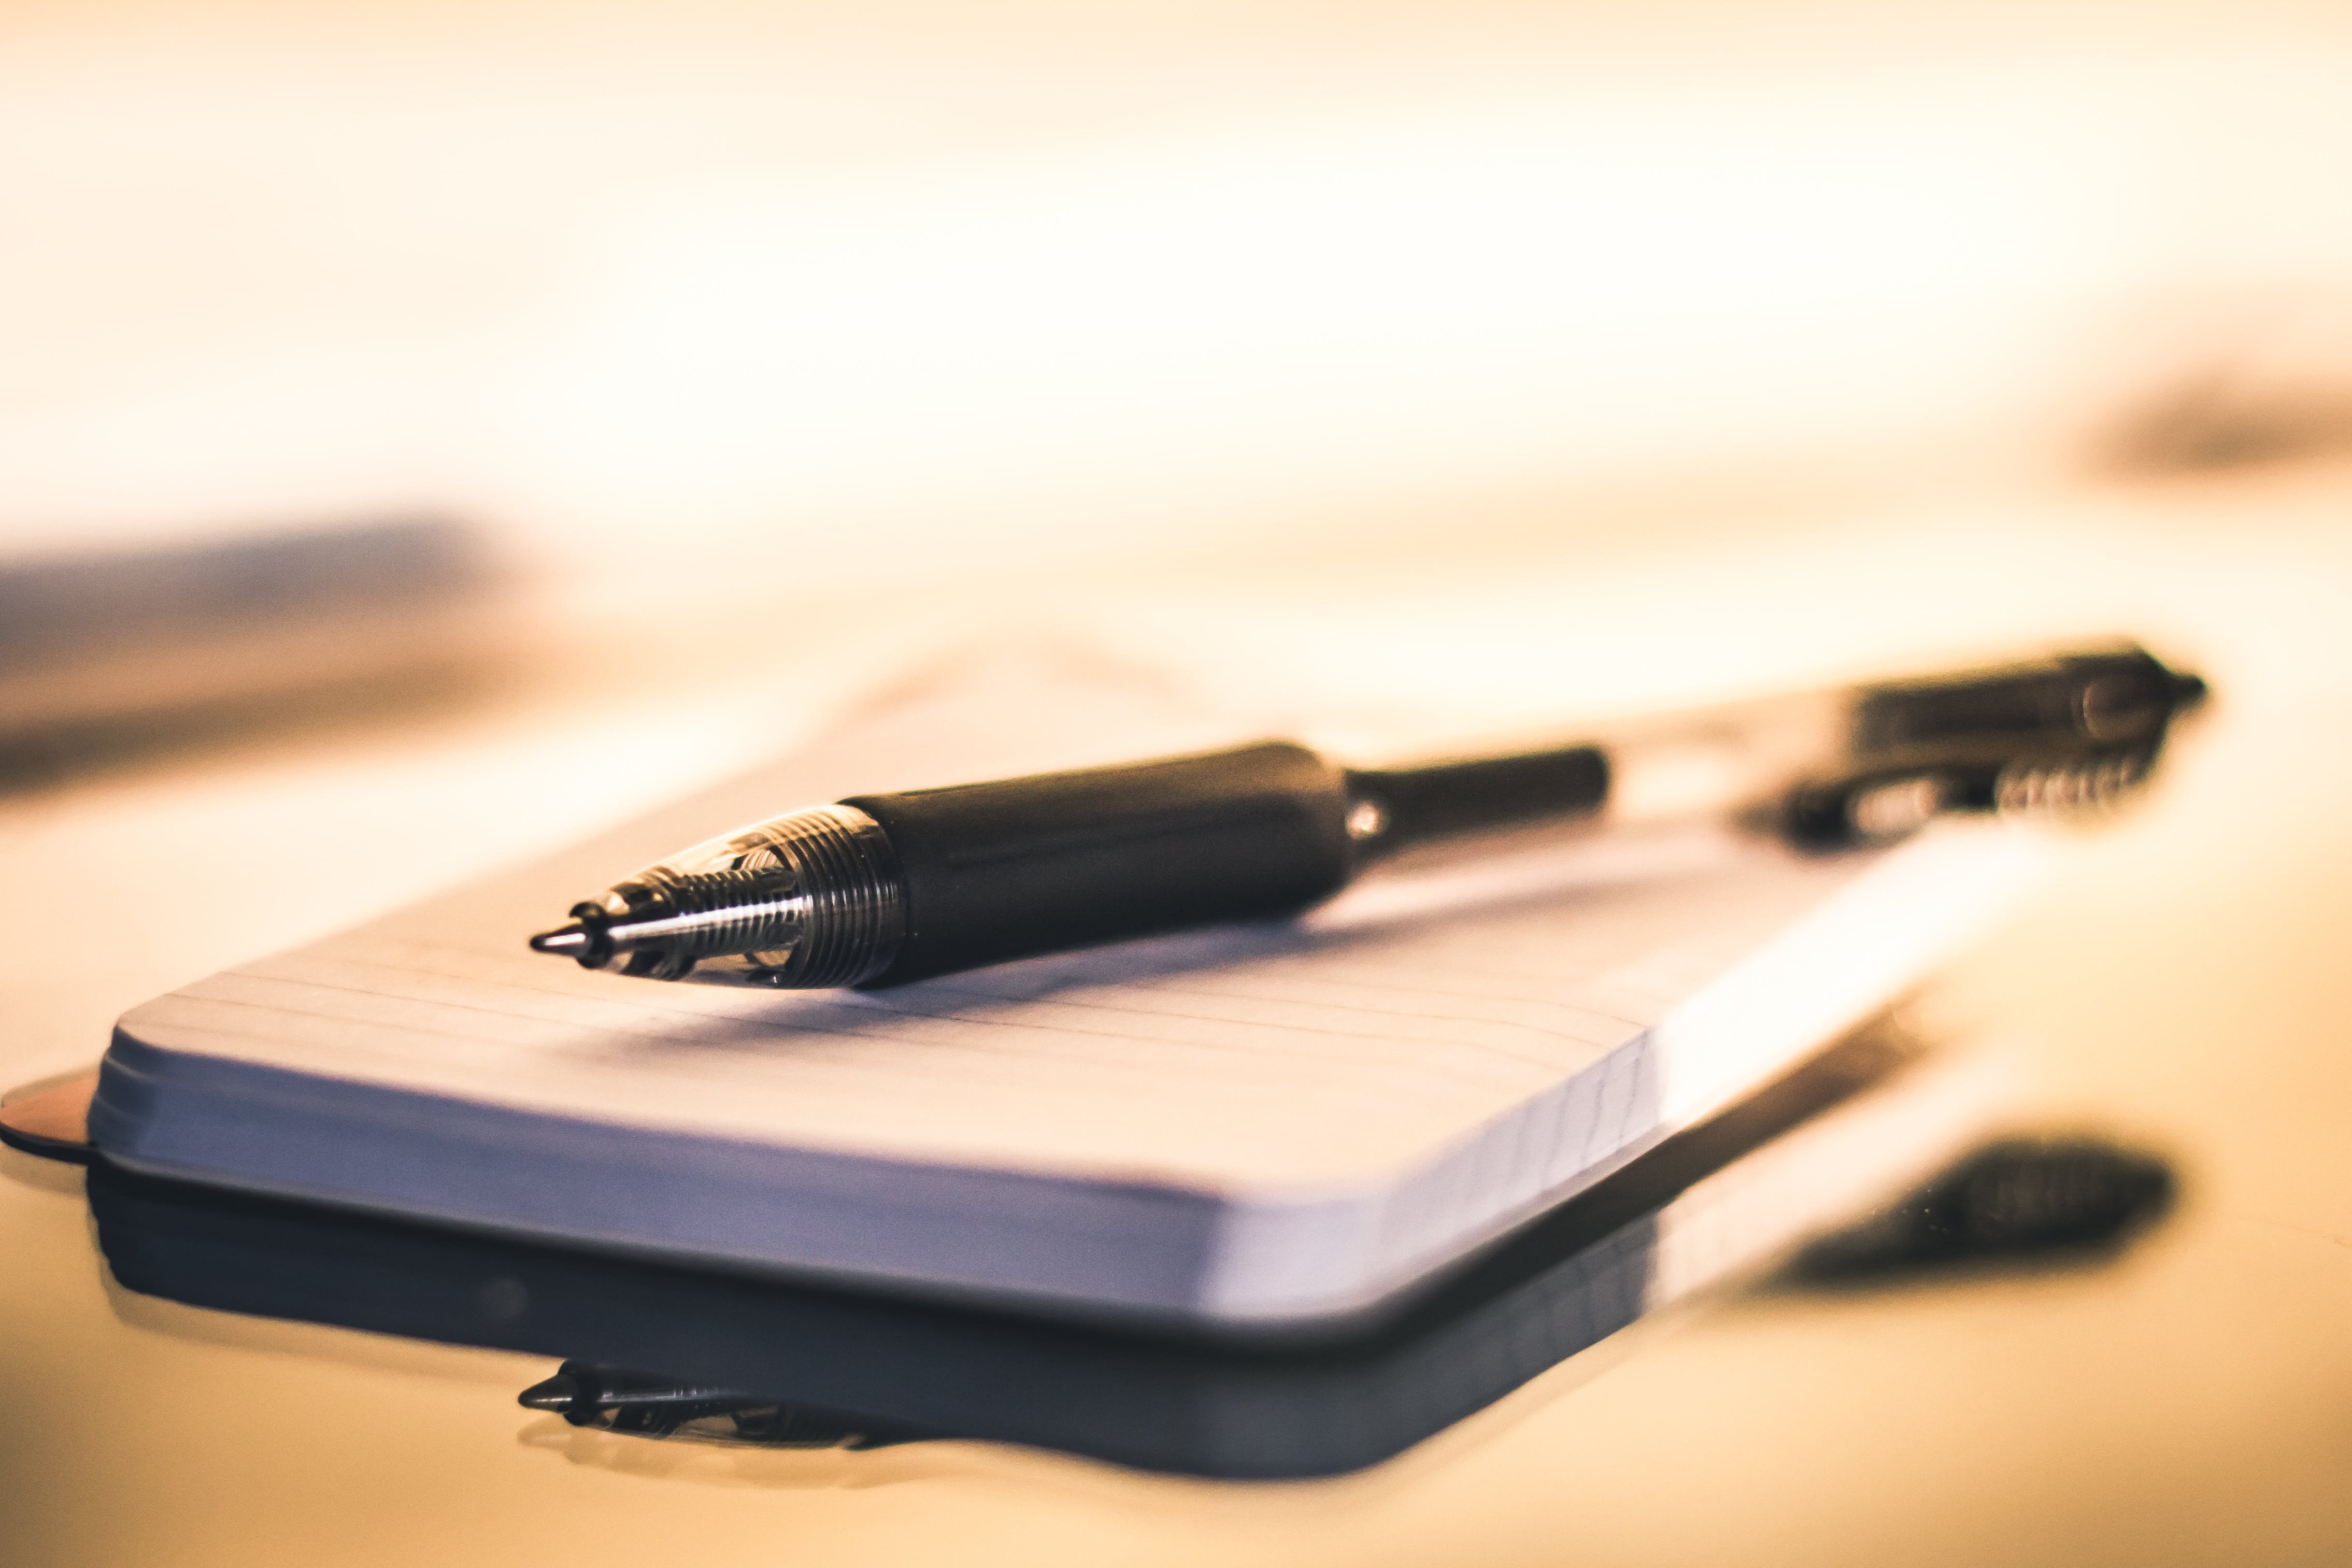 Black Point Pen On White Paper